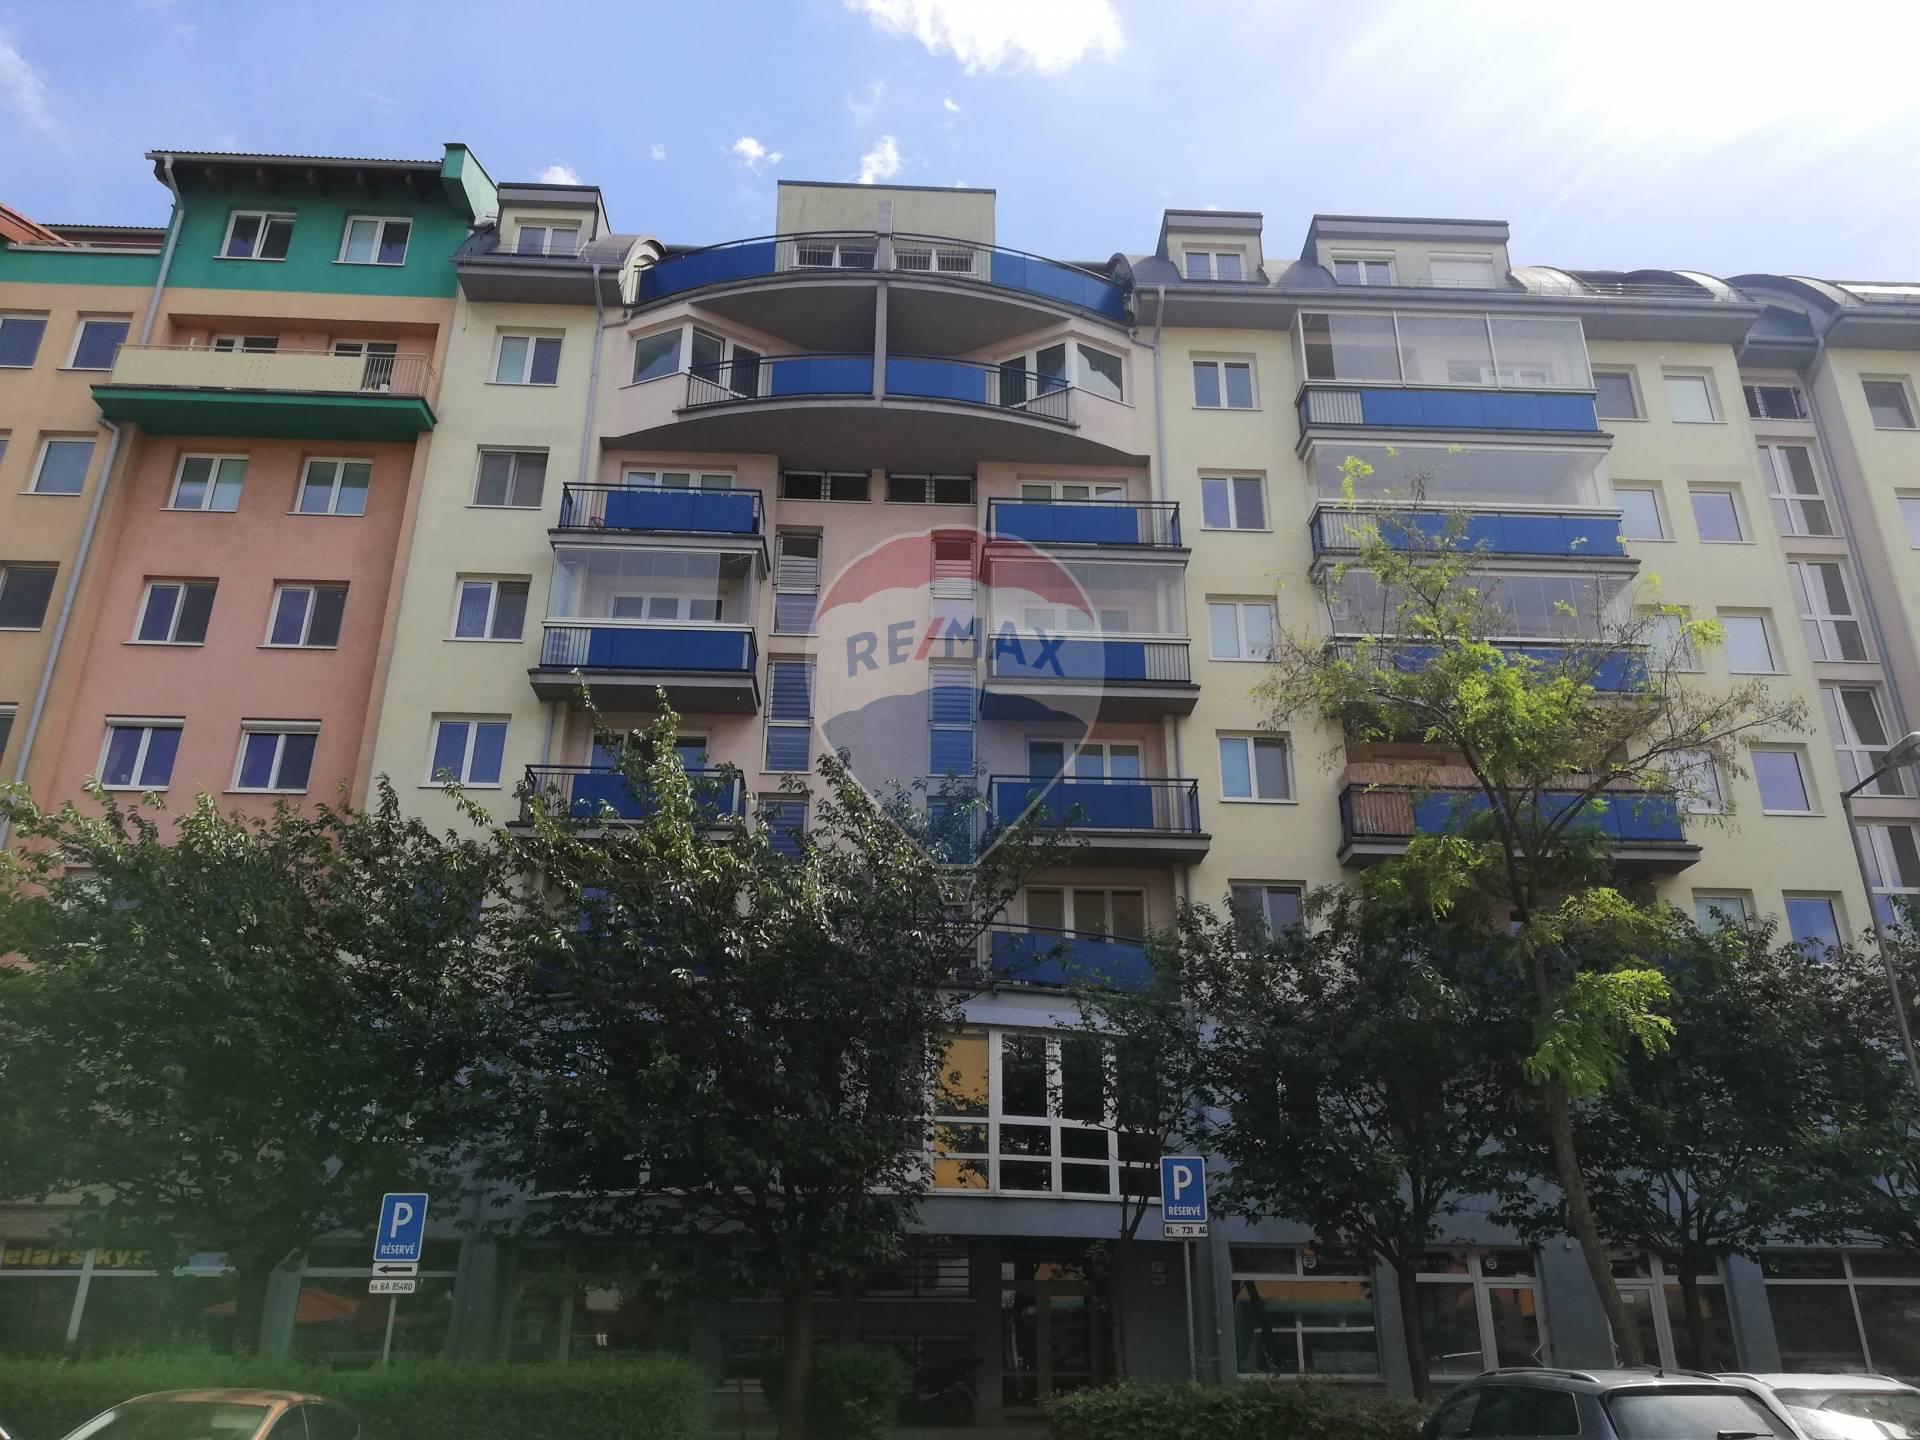 Apartment for rent, Šustekova str., close to the city center center